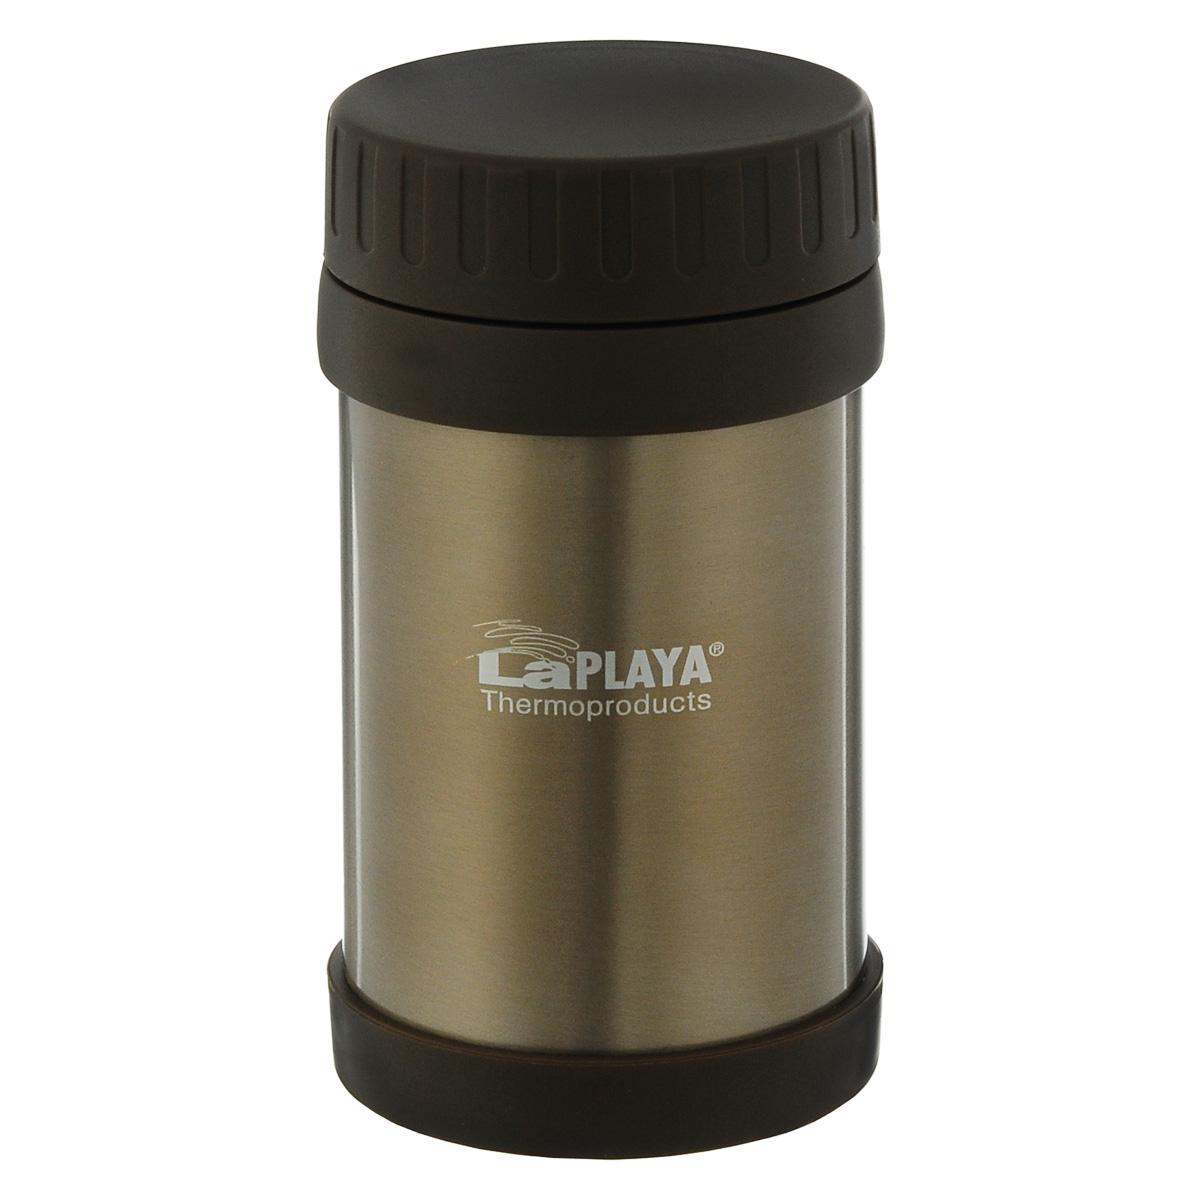 Термос для еды LaPlaya Food Container, цвет: коричневый, 500 мл560084Корпус термоса LaPlaya Food Container изготовлен из высококачественной нержавеющей стали с двумя стенками и превосходной вакуумной изоляцией. Термос оснащен крышкой, благодаря которой сохраняется абсолютная герметичность. Изделие имеет большое горлышко, поэтому идеально подходит для салатов, закусок, первых и вторых блюд.Такой термос удобен в использовании и станет полезным подарком. Нельзя мыть в посудомоечной машине. Диаметр (по верхнему краю): 7 см. Диаметр основания: 8,5 см. Высота (без учета крышки): 15,5 см.